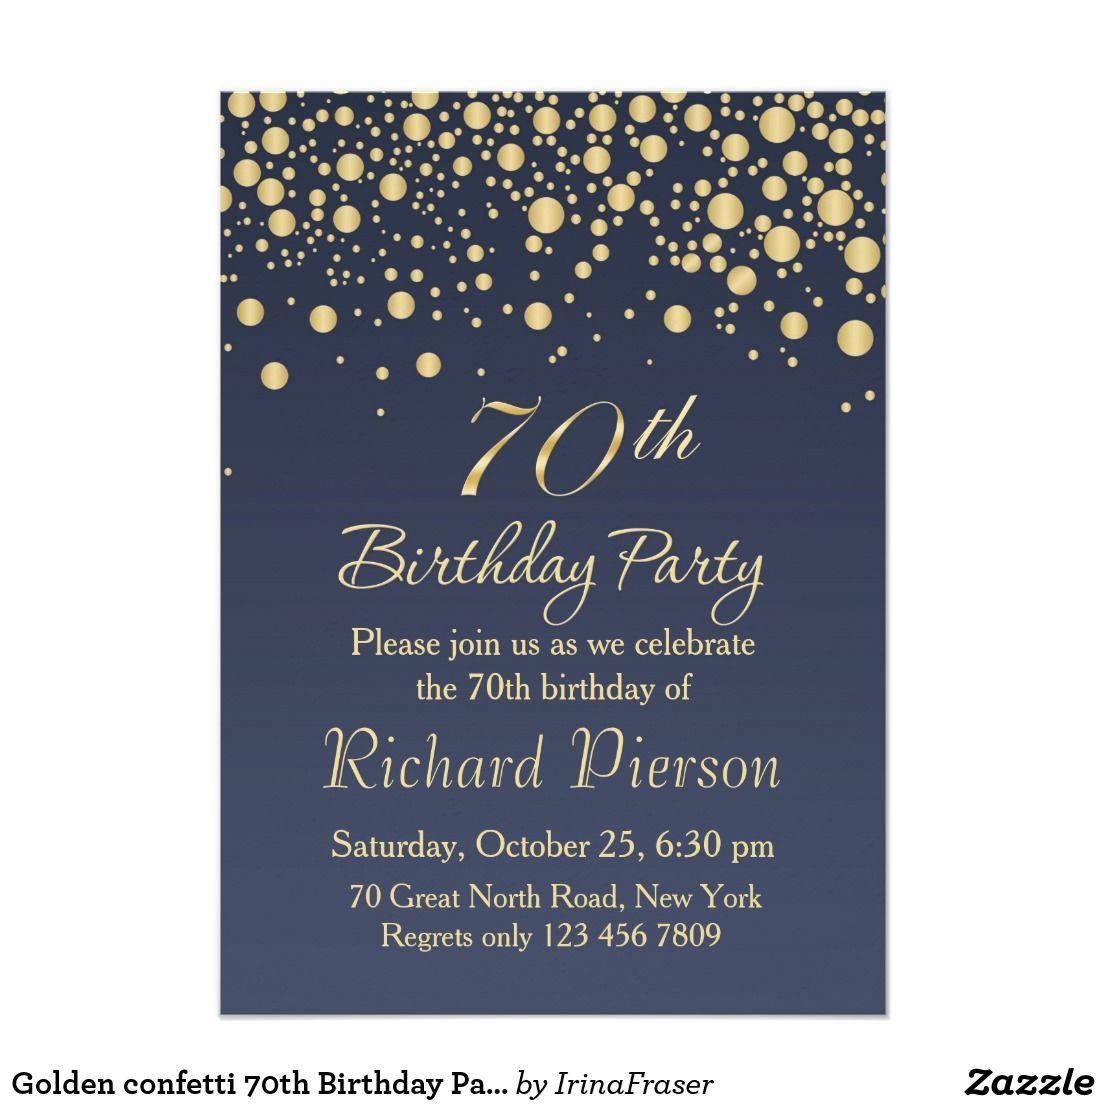 golden confetti 70th birthday party invitation invitations